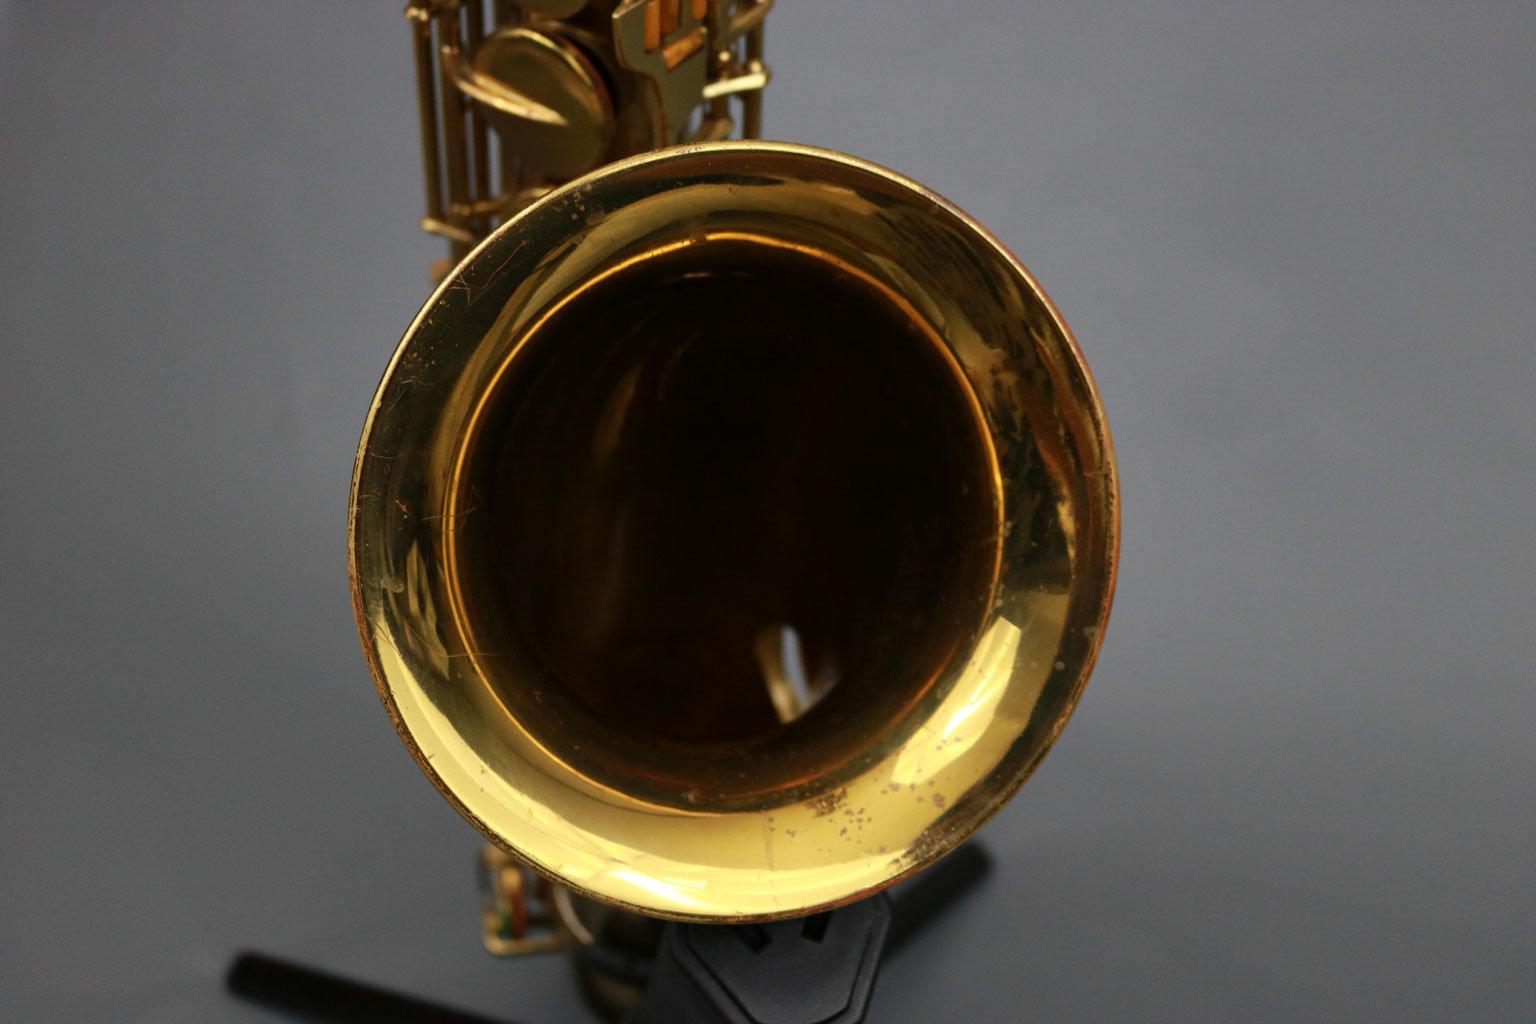 Buescher Big B Tenor Saxophone 297xxx - $1595 00 | Tenor Madness